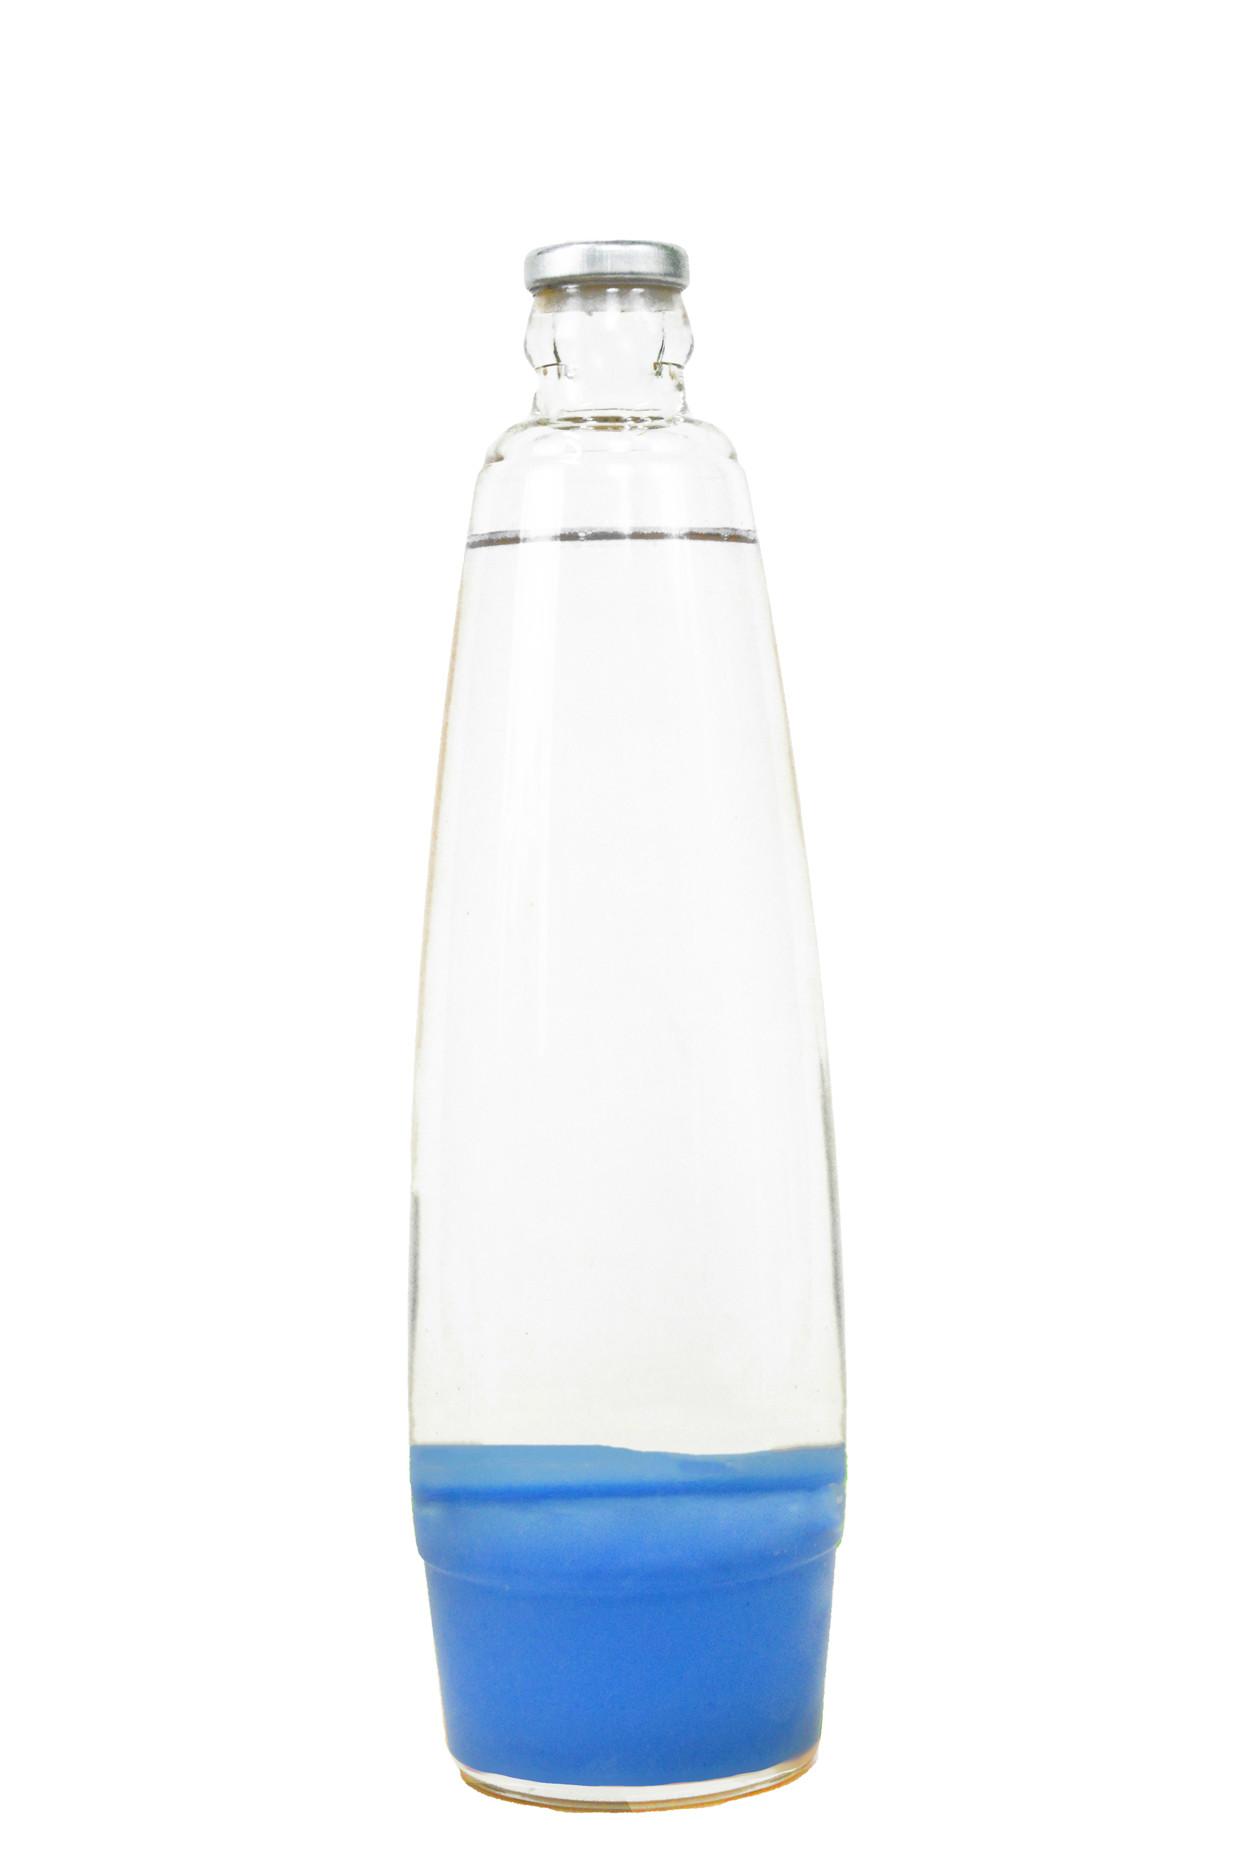 Колба для лава лампы 41 см Синяя/Прозрачная (25*6,5)